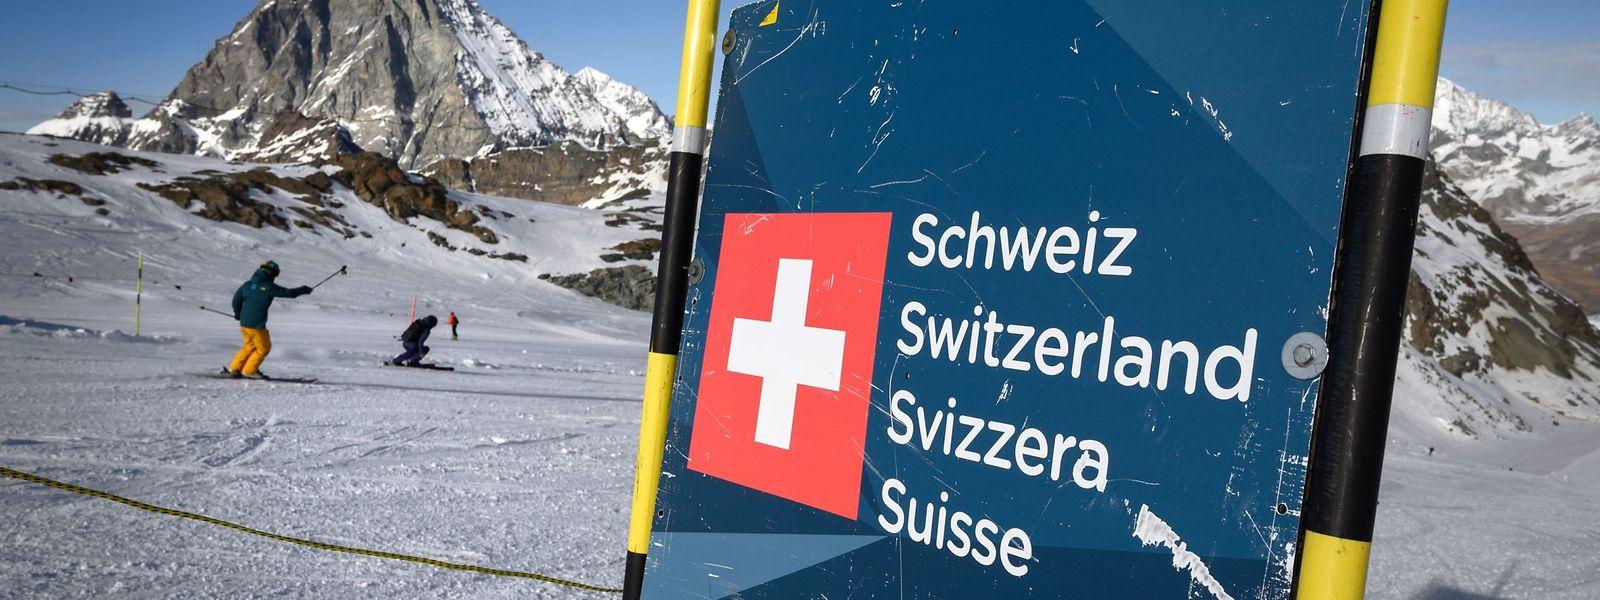 Dass die Schweiz ihre Skigebiete im Corona-Winter 2020/21 öffnen will, sorgt mancherorts für Unverständnis.